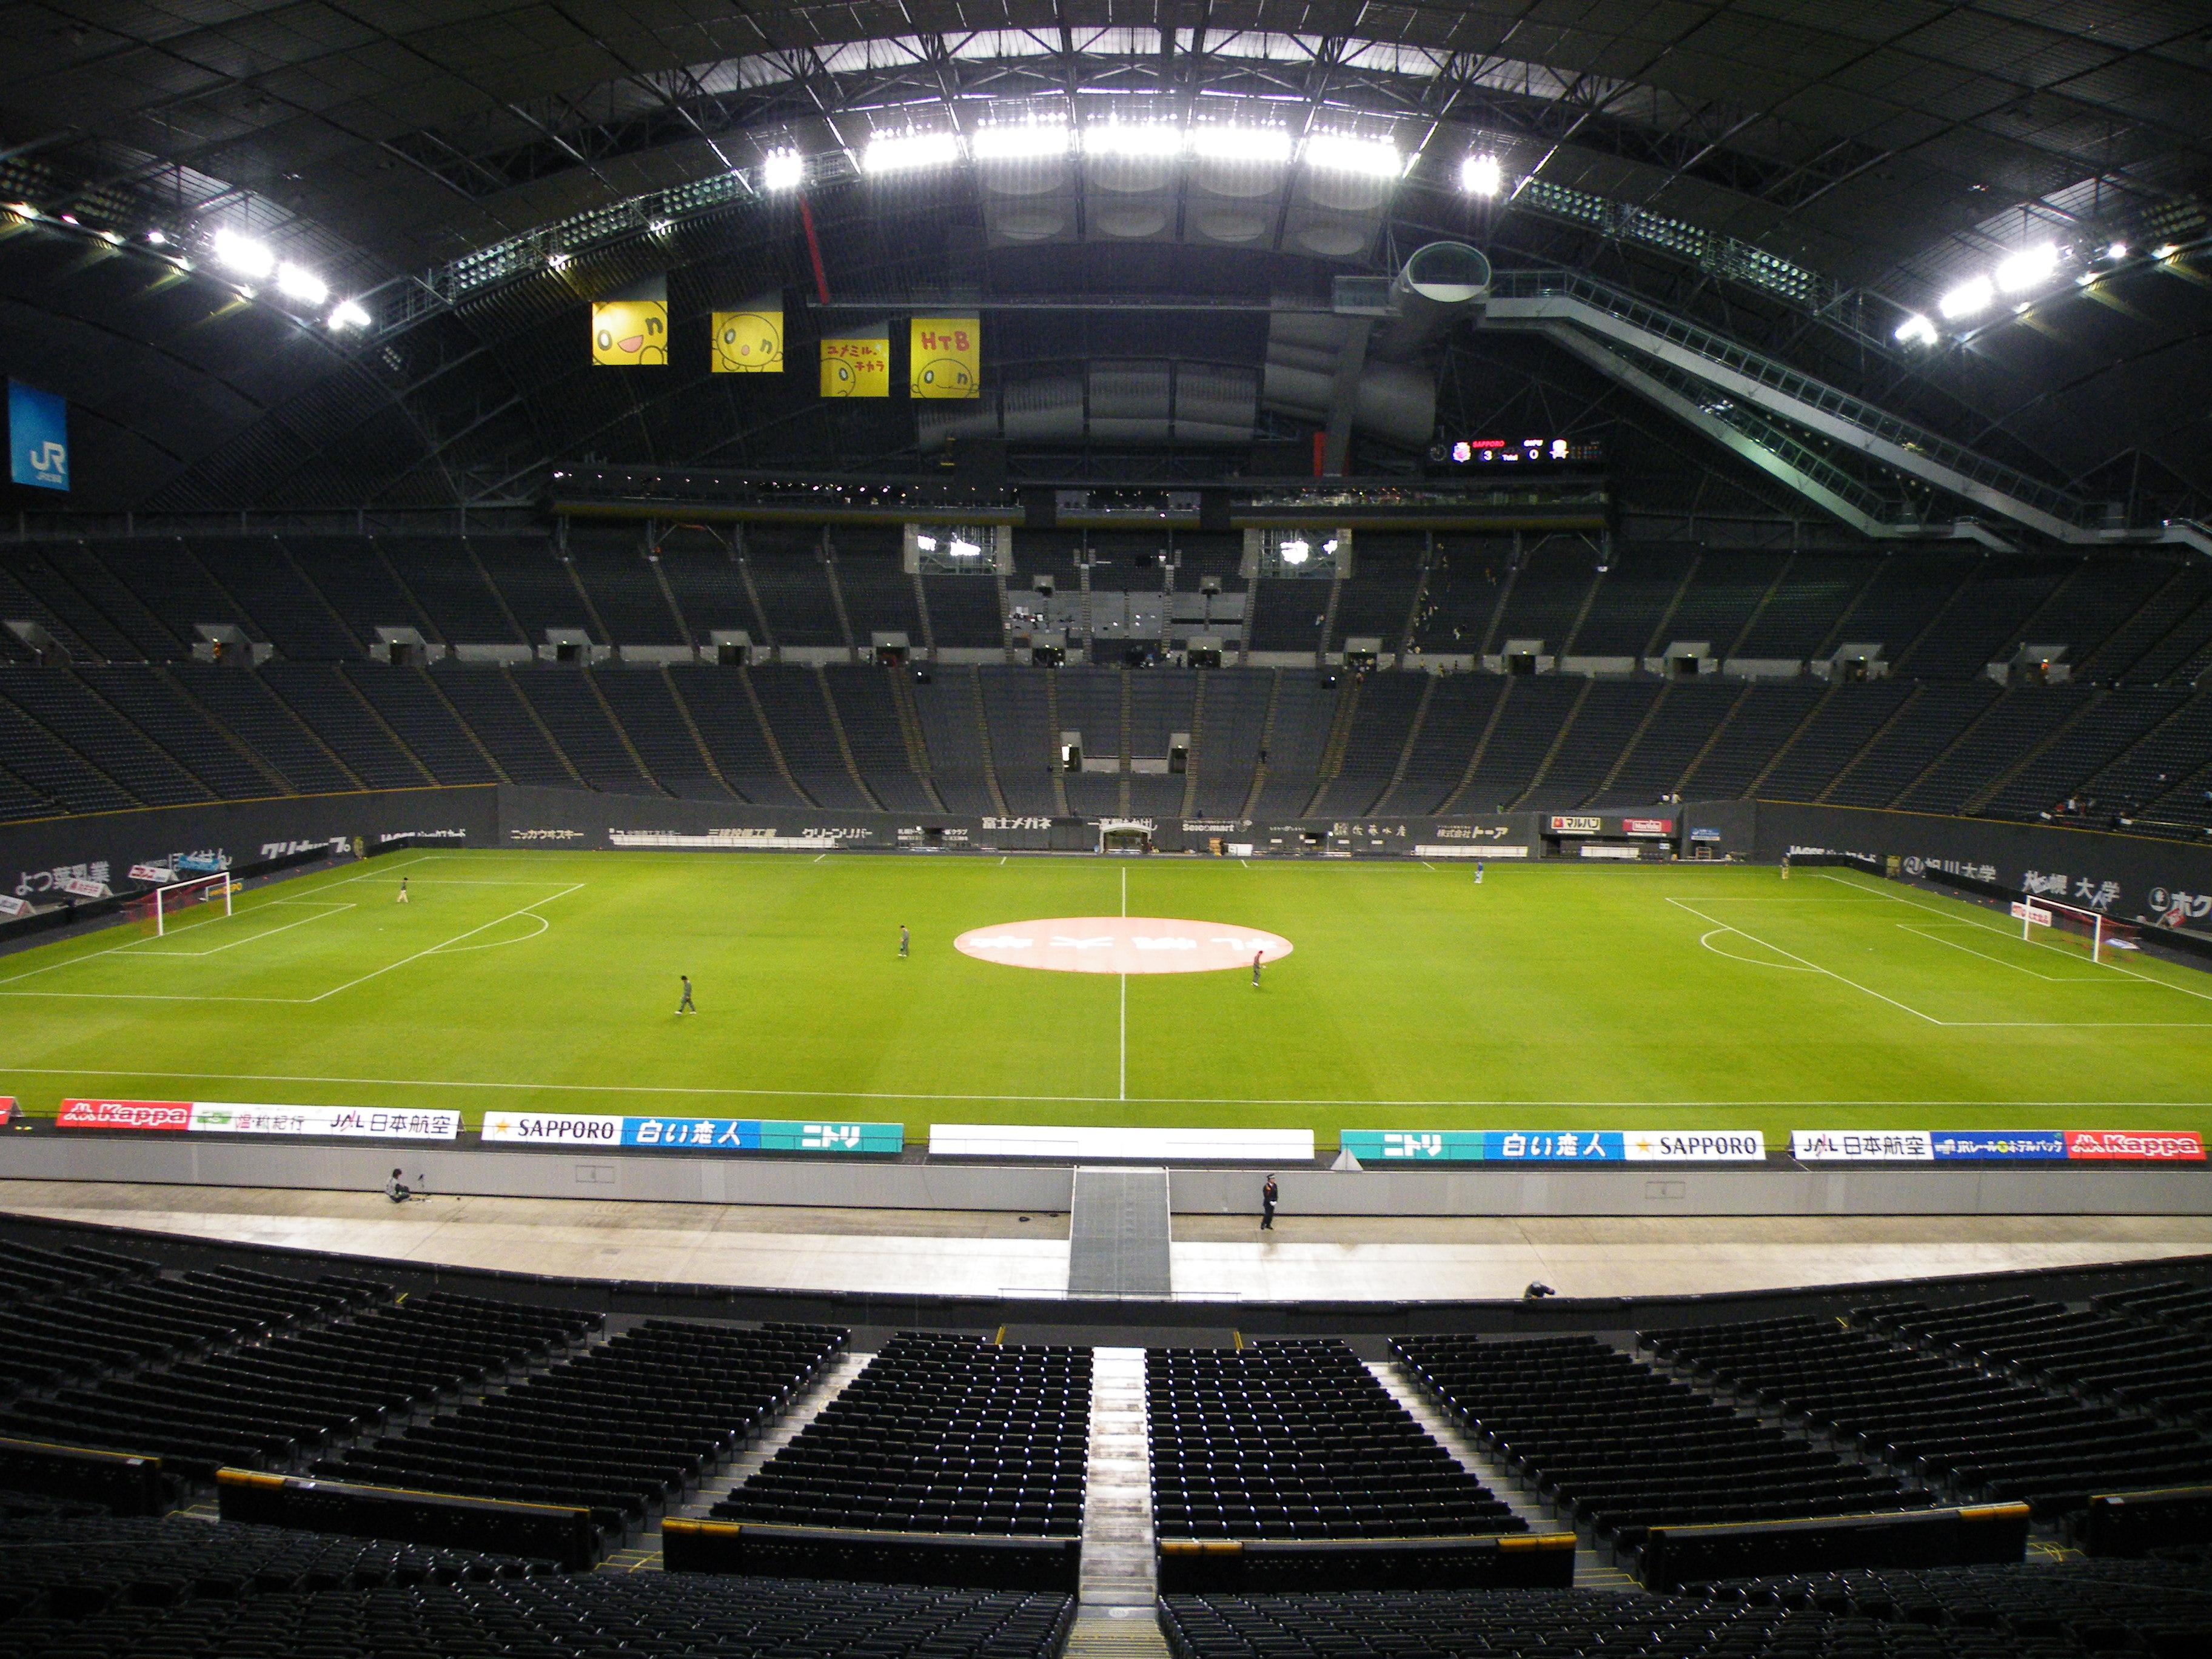 test ocular la stadionul de apă îmbunătățiți vederea pentru verificare